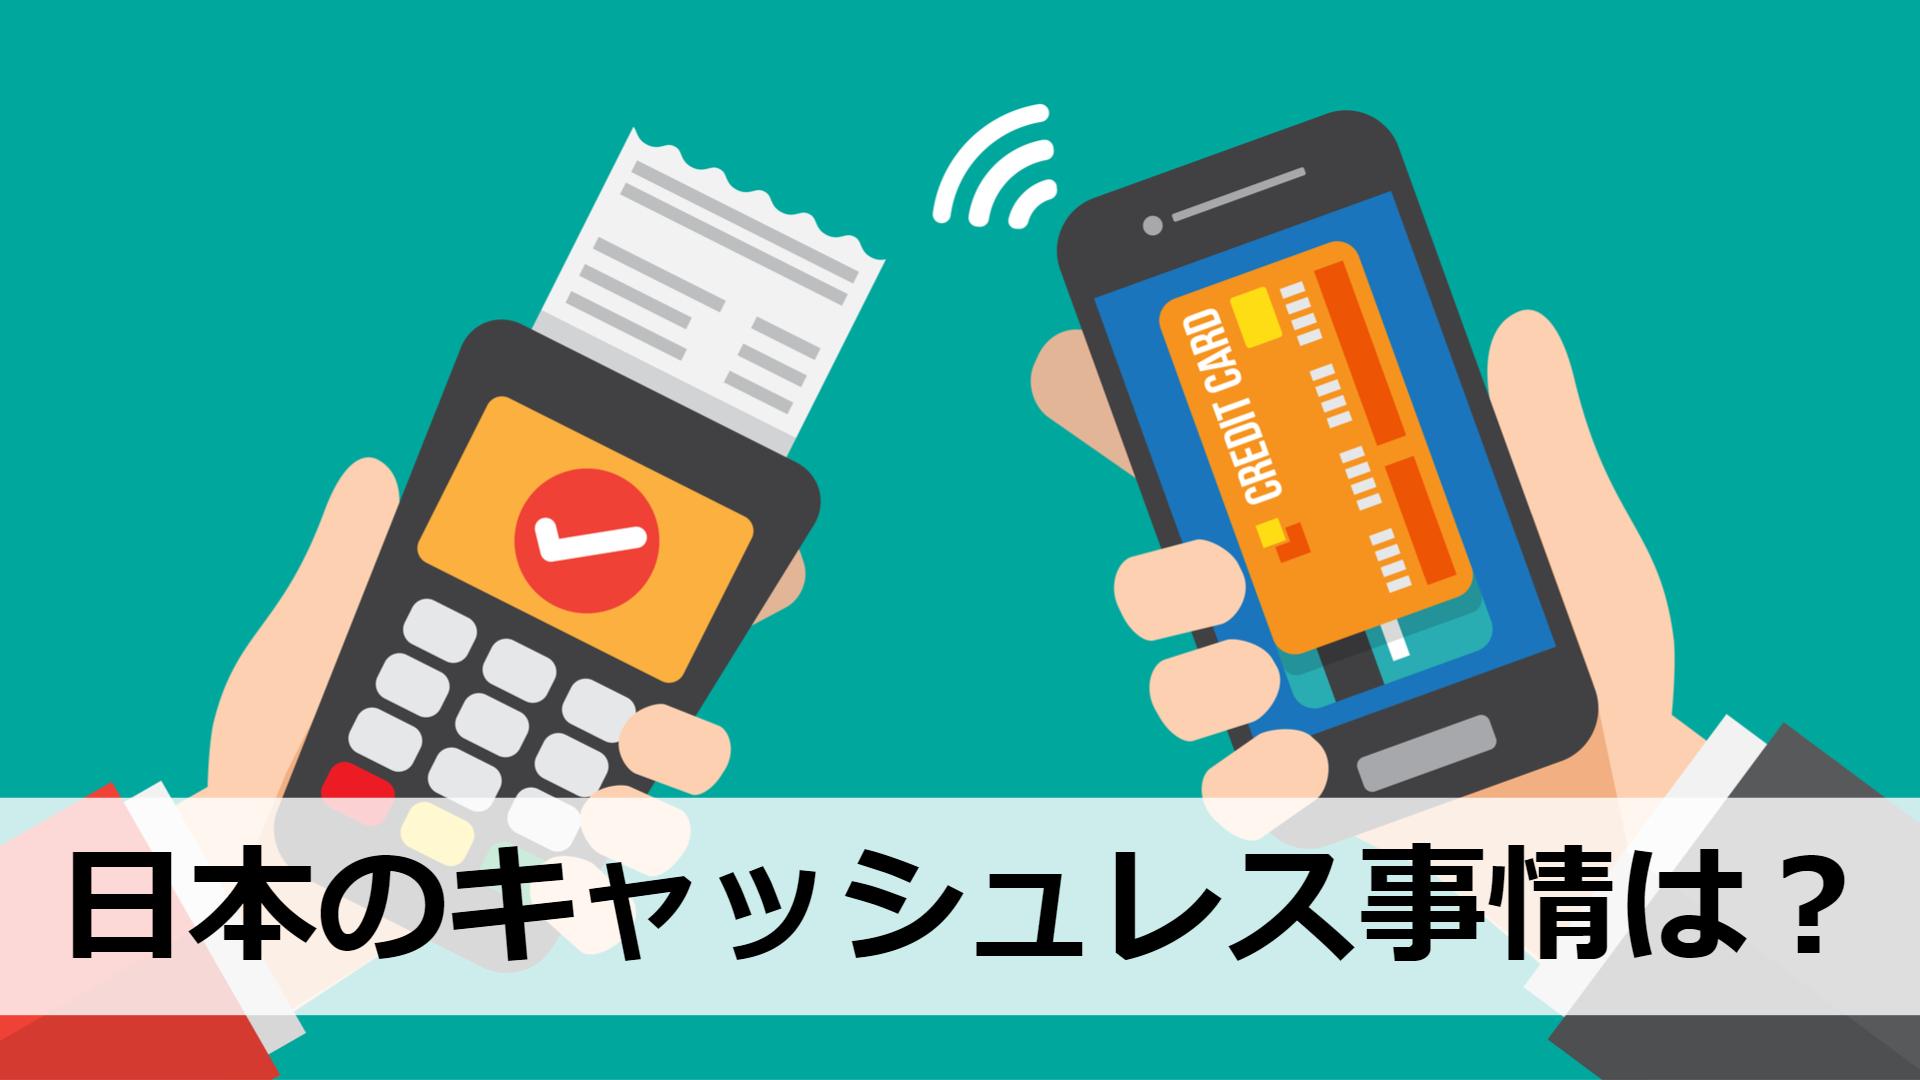 日本のキャッシュレス化推進と課題・海外との比較・メリット・デメリットを解説!